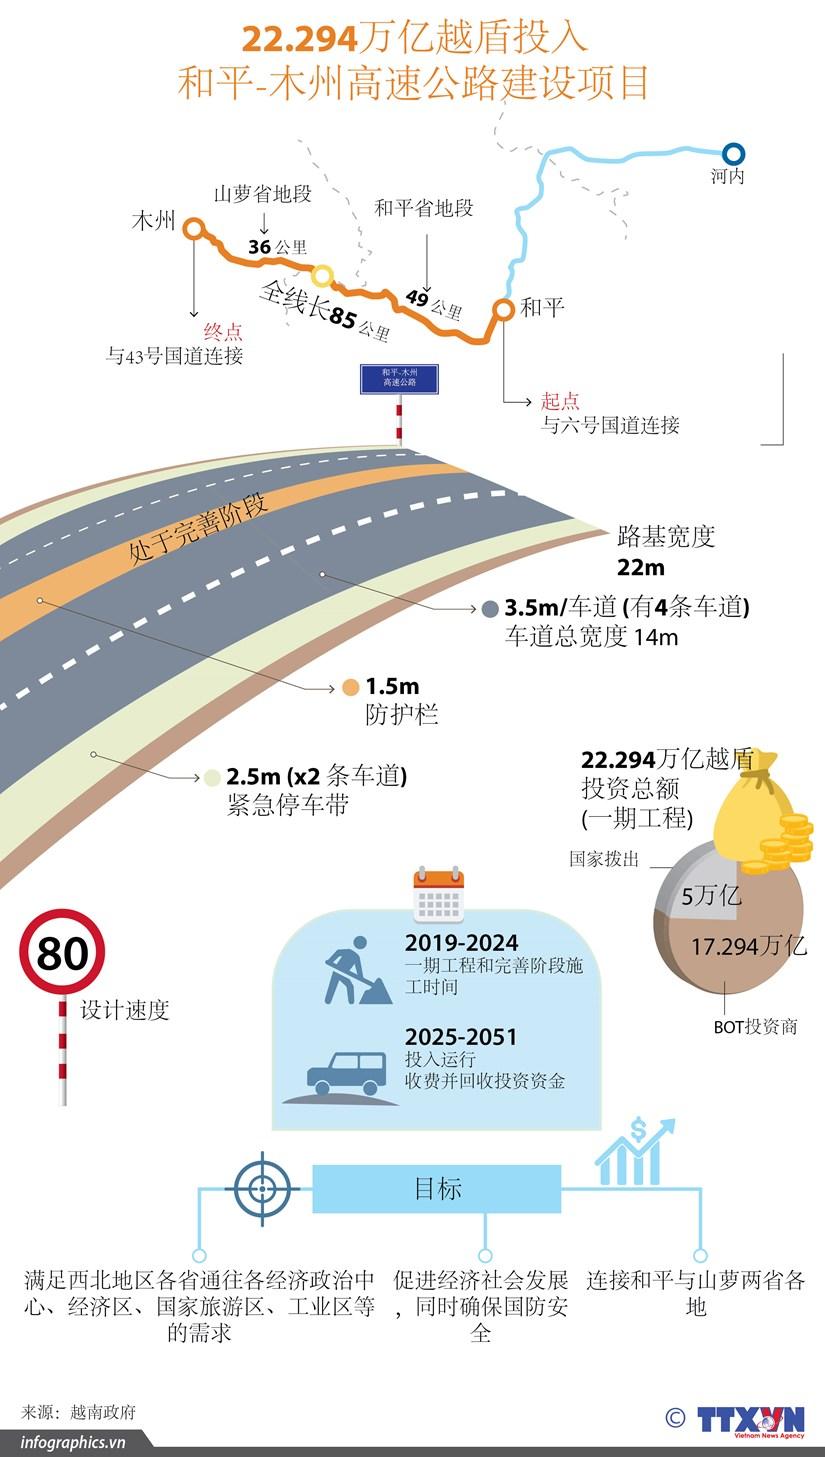 图表新闻:22.294万亿越盾投入 和平-木州高速公路建设项目 hinh anh 1